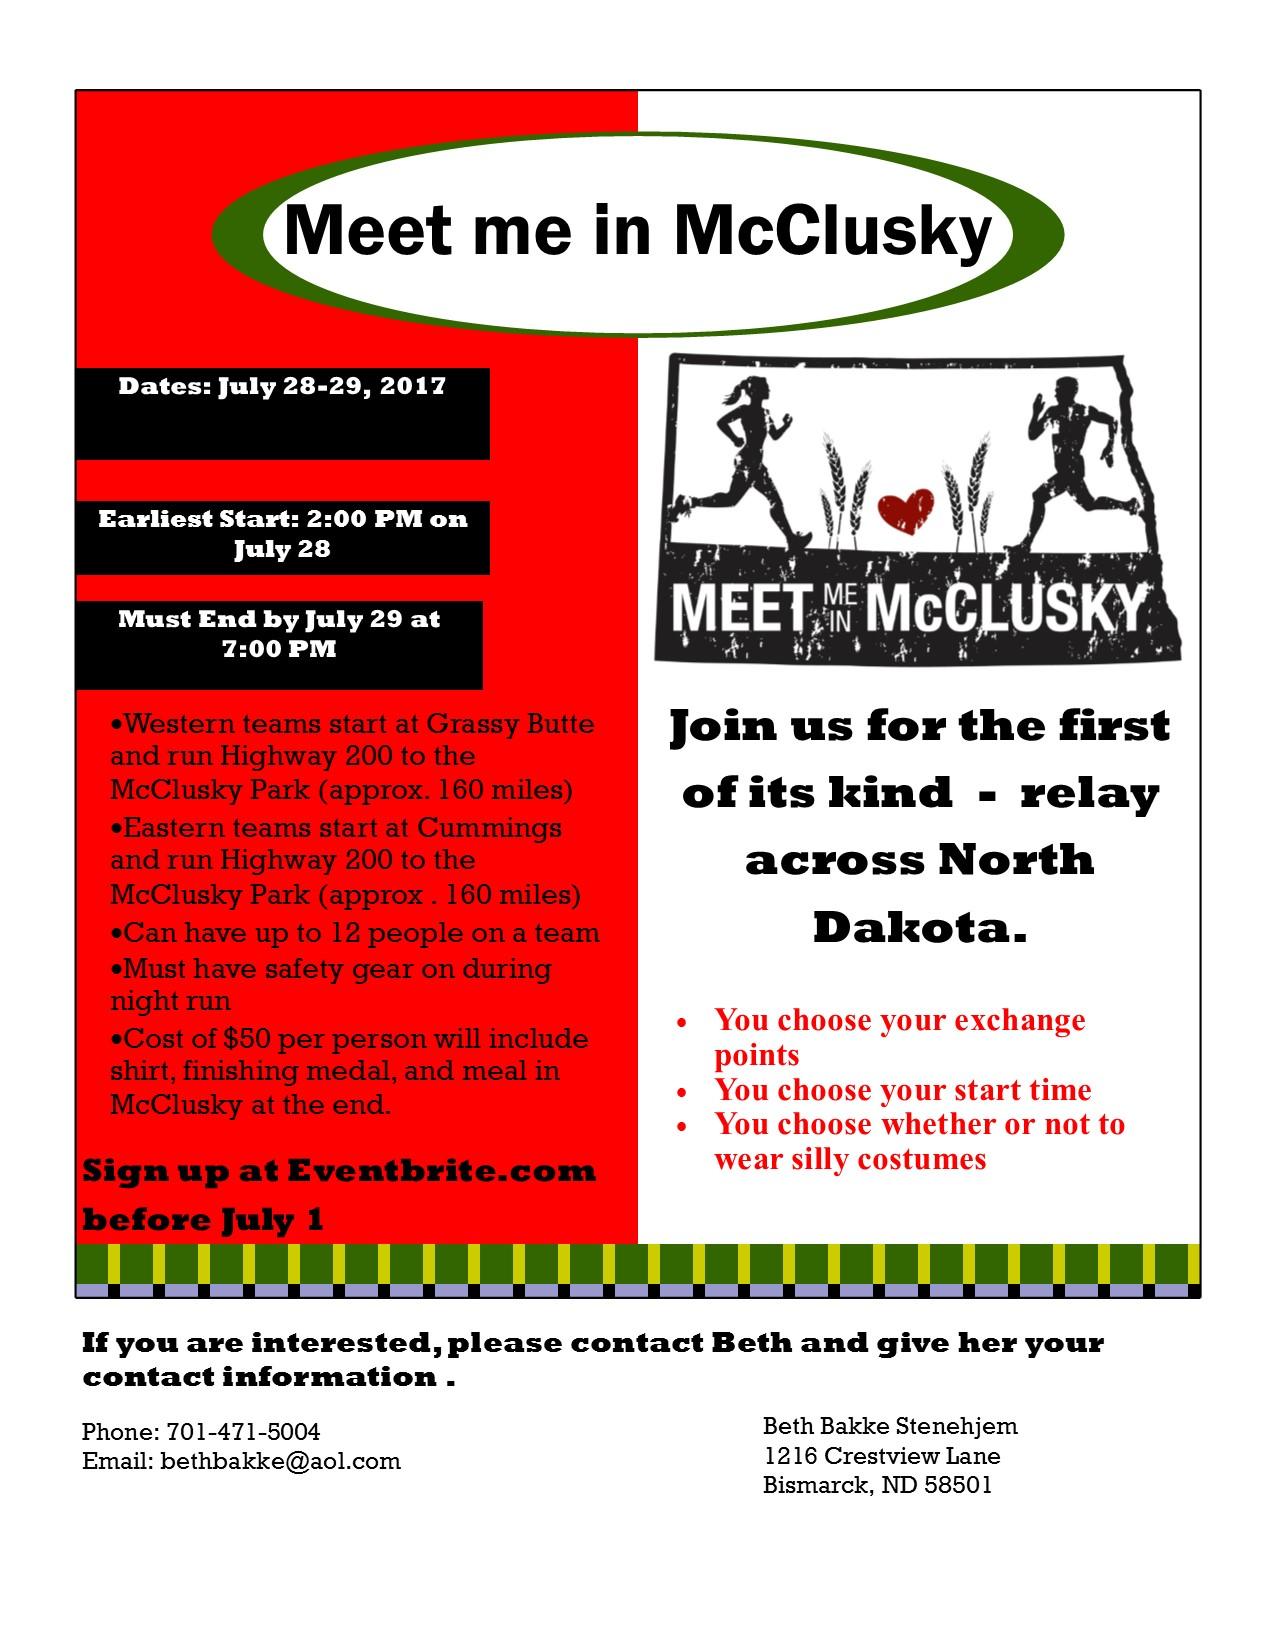 Flyer for Meet me in McClusky